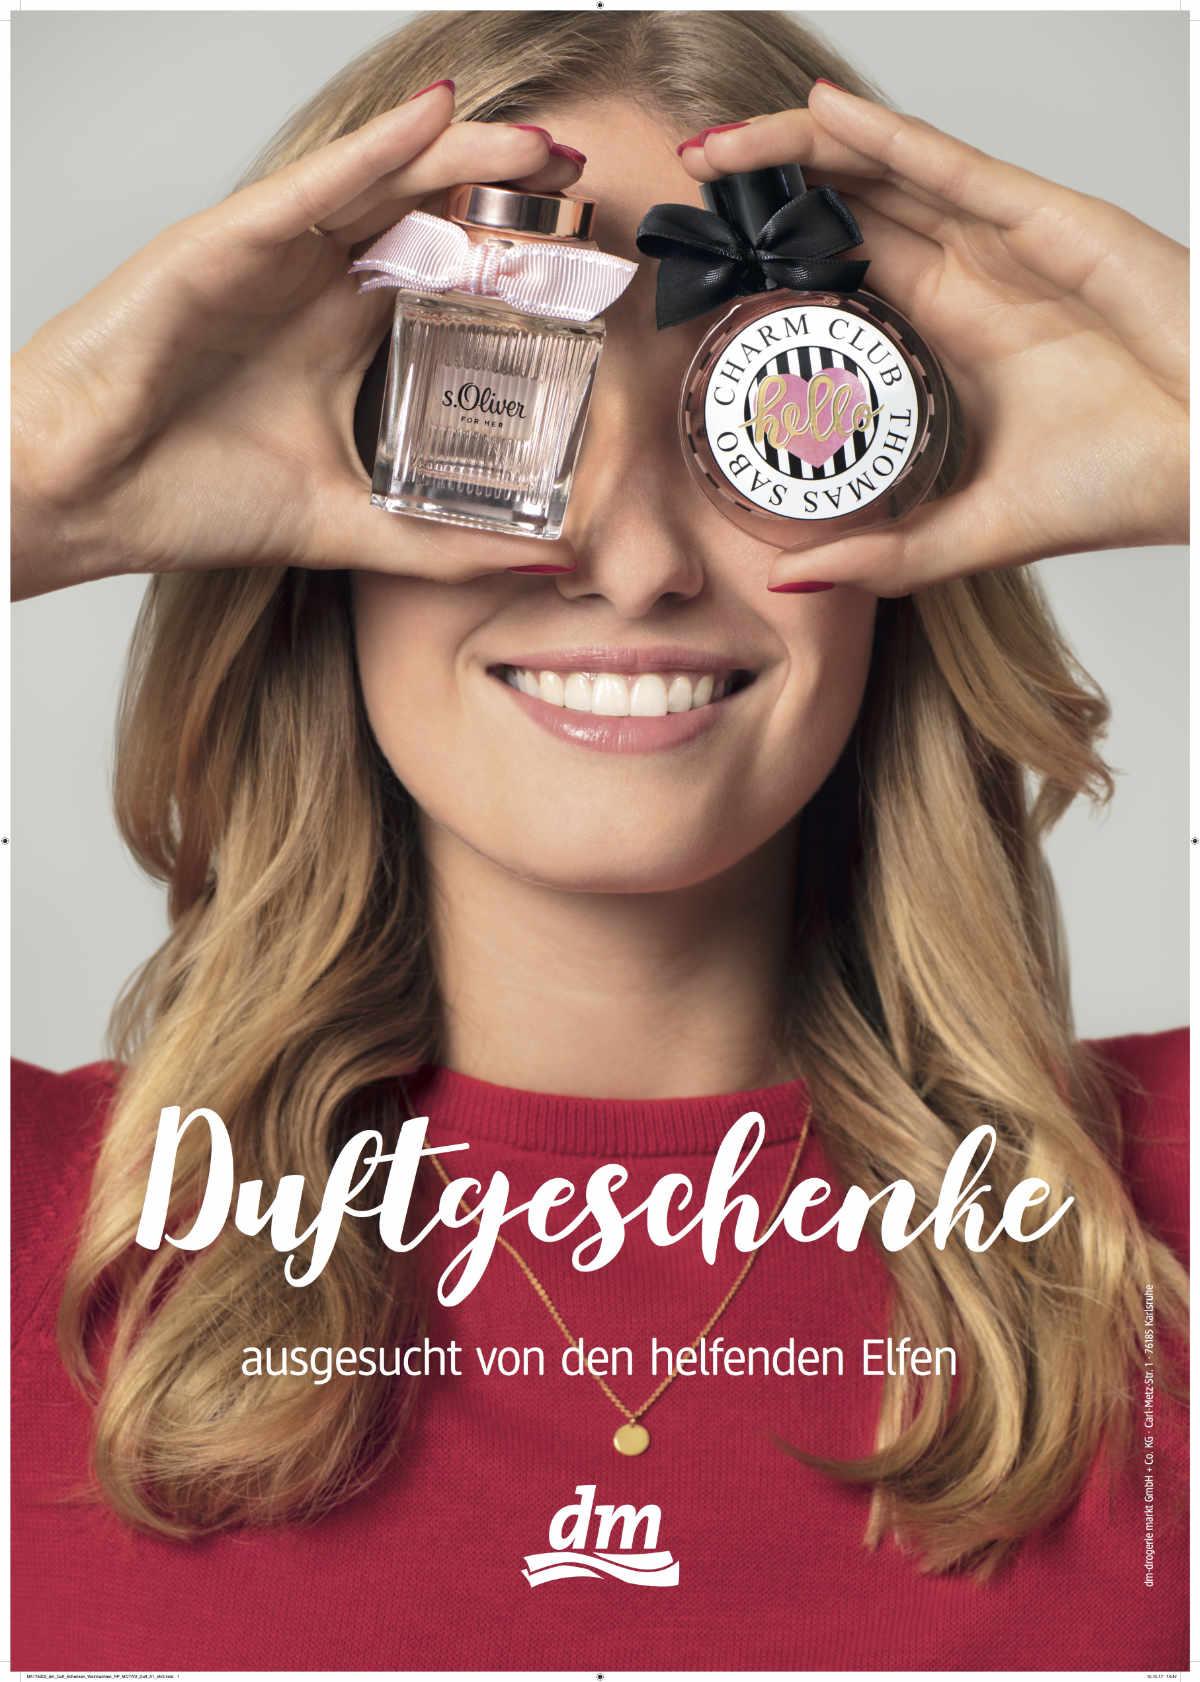 NA175202_dm_Duft_Schenken_Weihnachten_RP